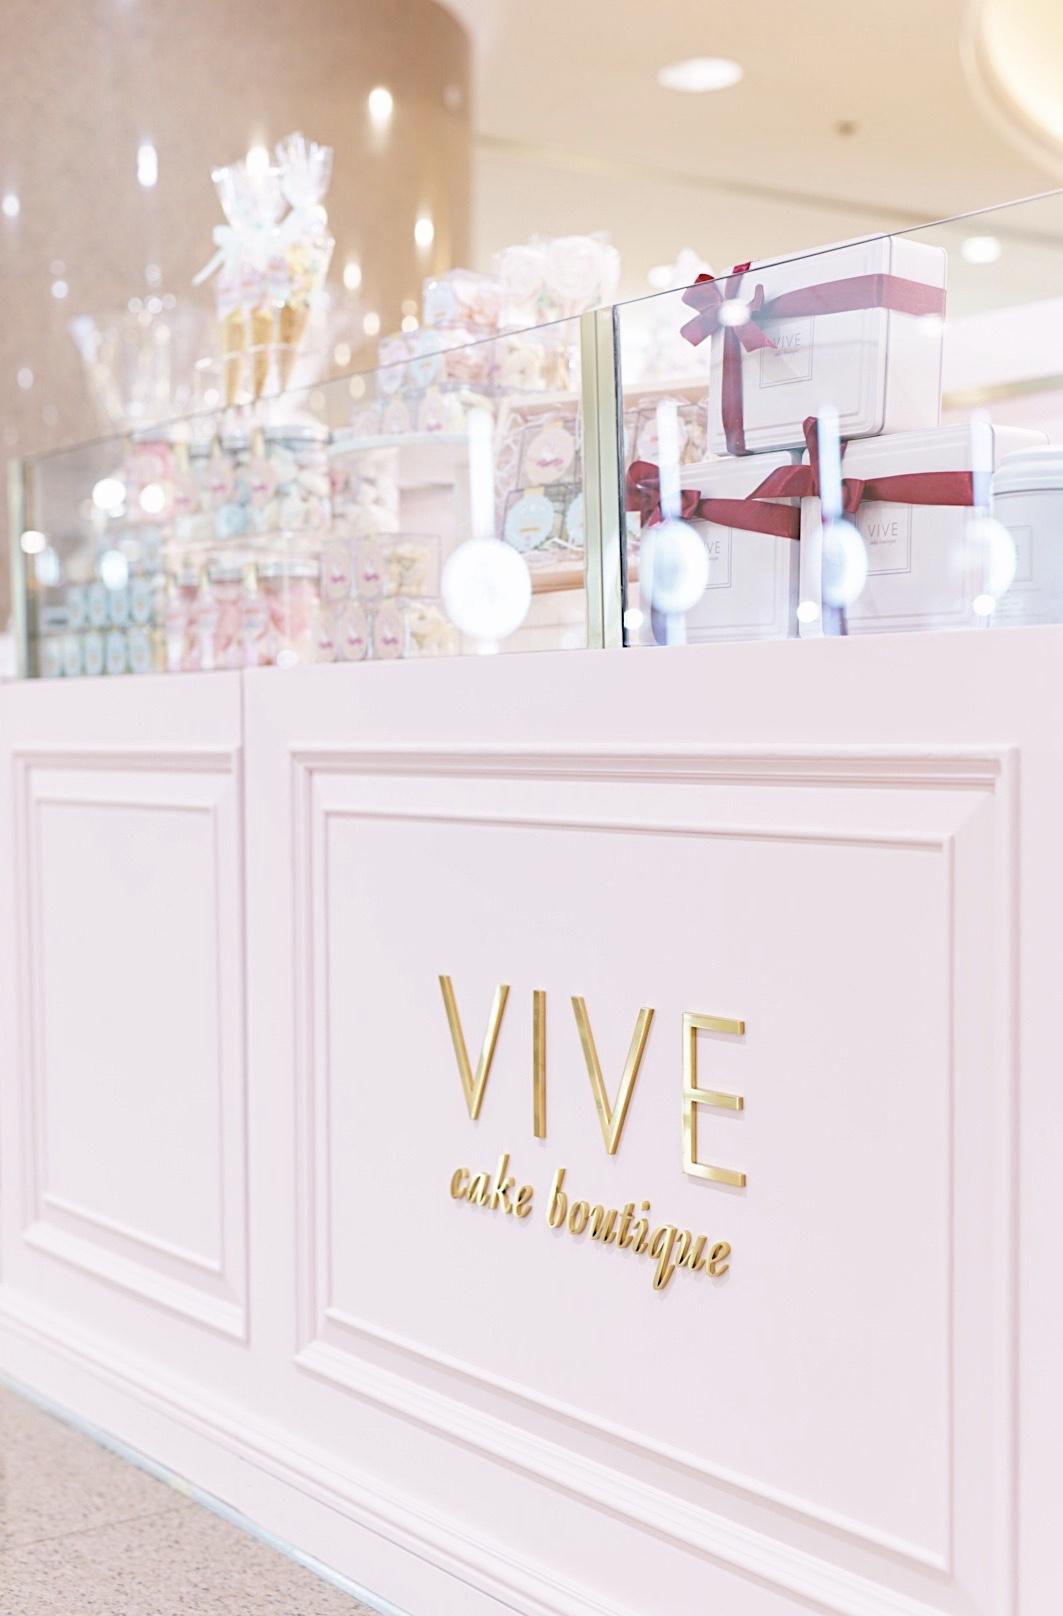 Vive Cake Boutique Tsim Sha Tsui 1.jpg